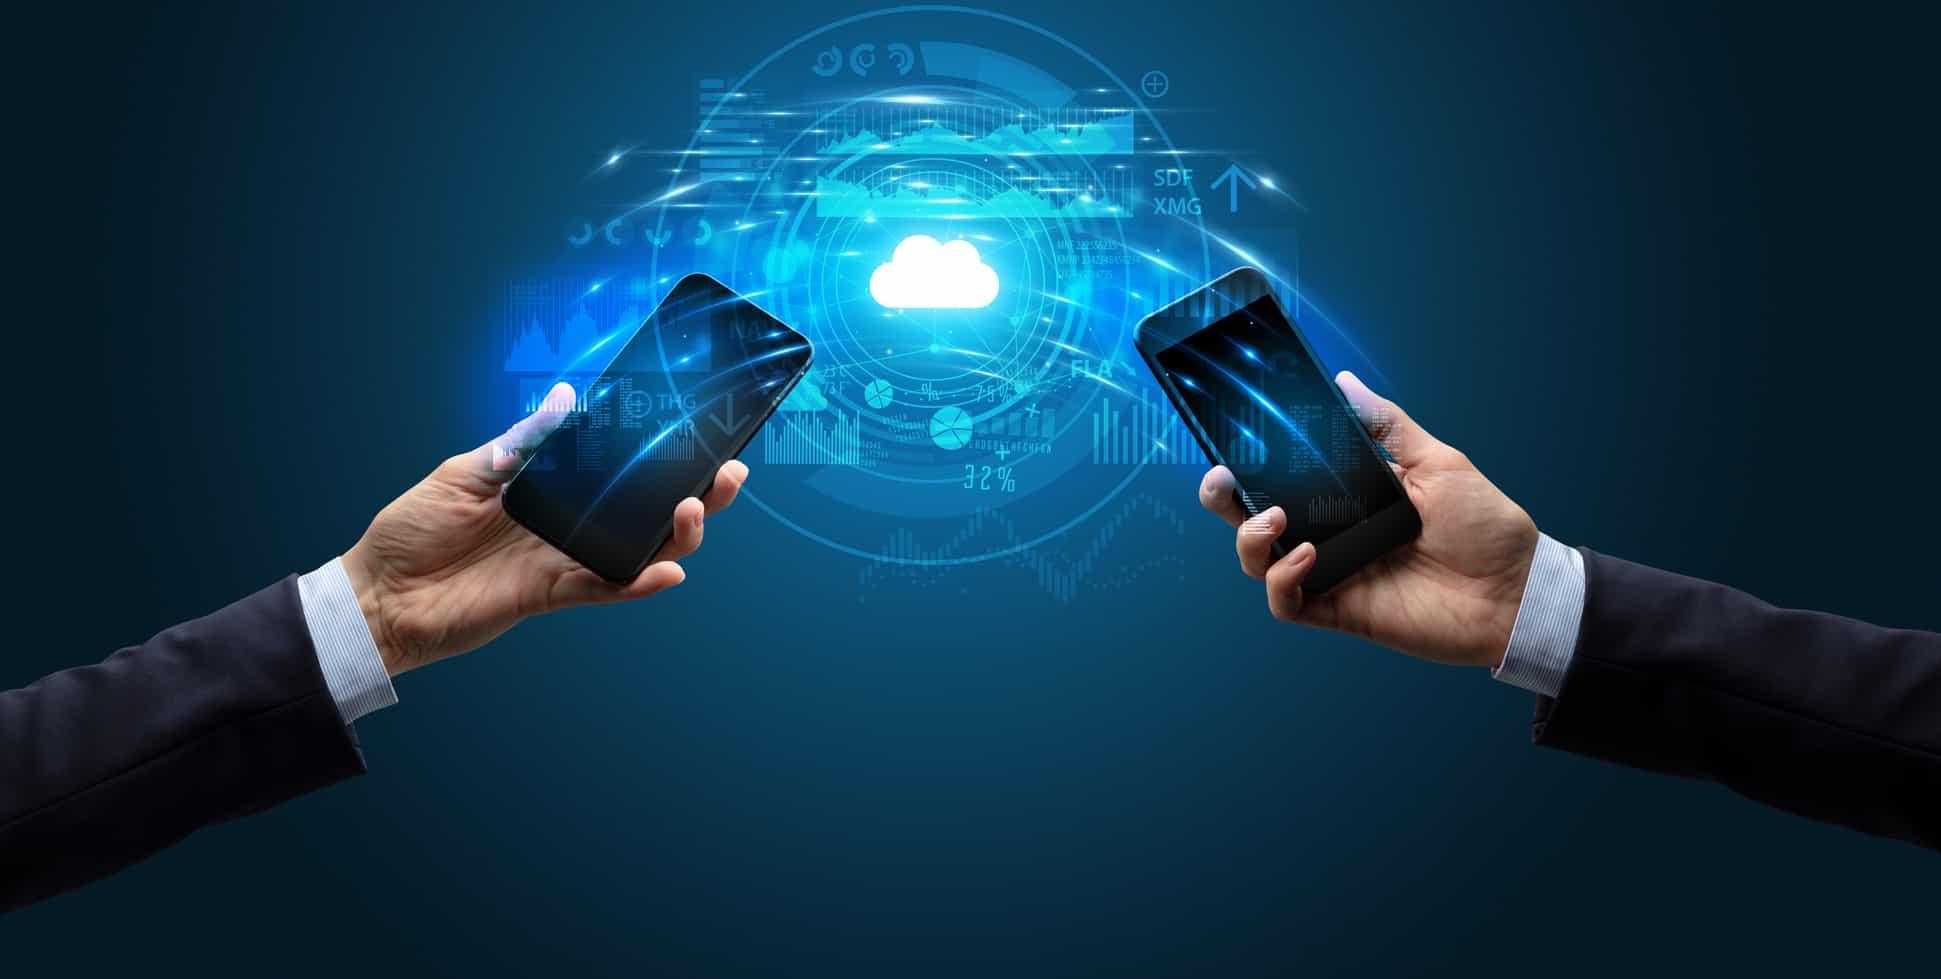 """Como parte de la estrategia de modernización del GCDMX, autoridades presentaron la plataforma digital """"Click: Tu ciudad en línea"""" y la aplicación """"SMARTGOB"""""""